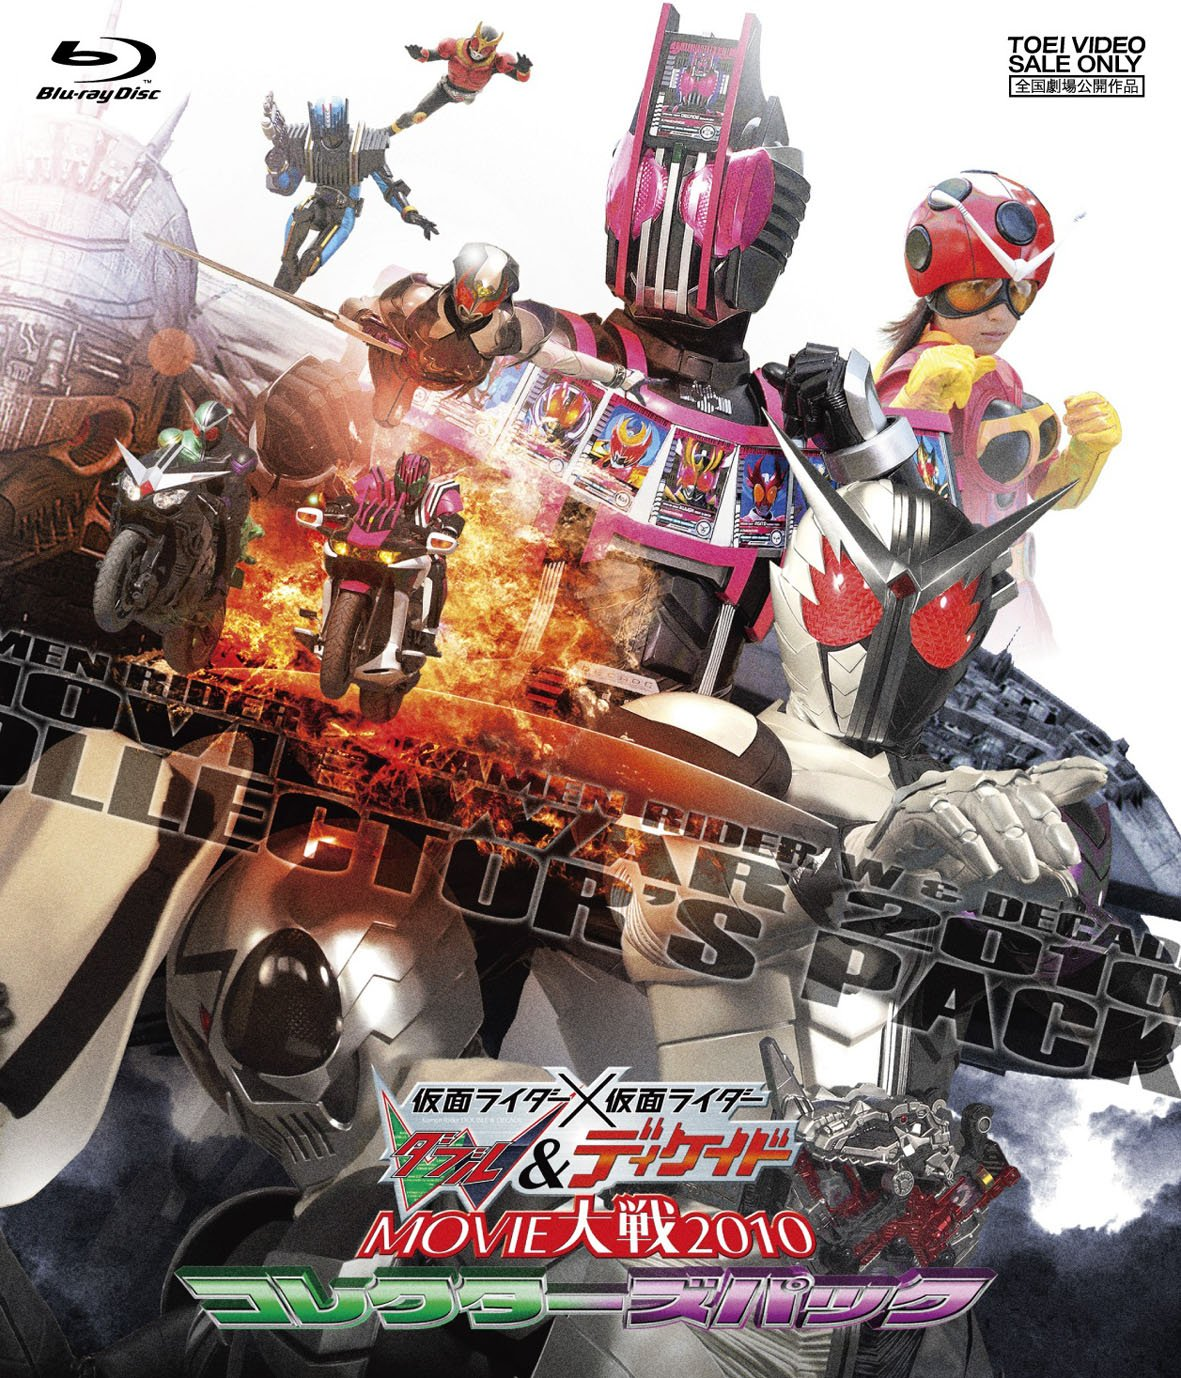 Download kamen rider decade movie war 2010 english subtitle